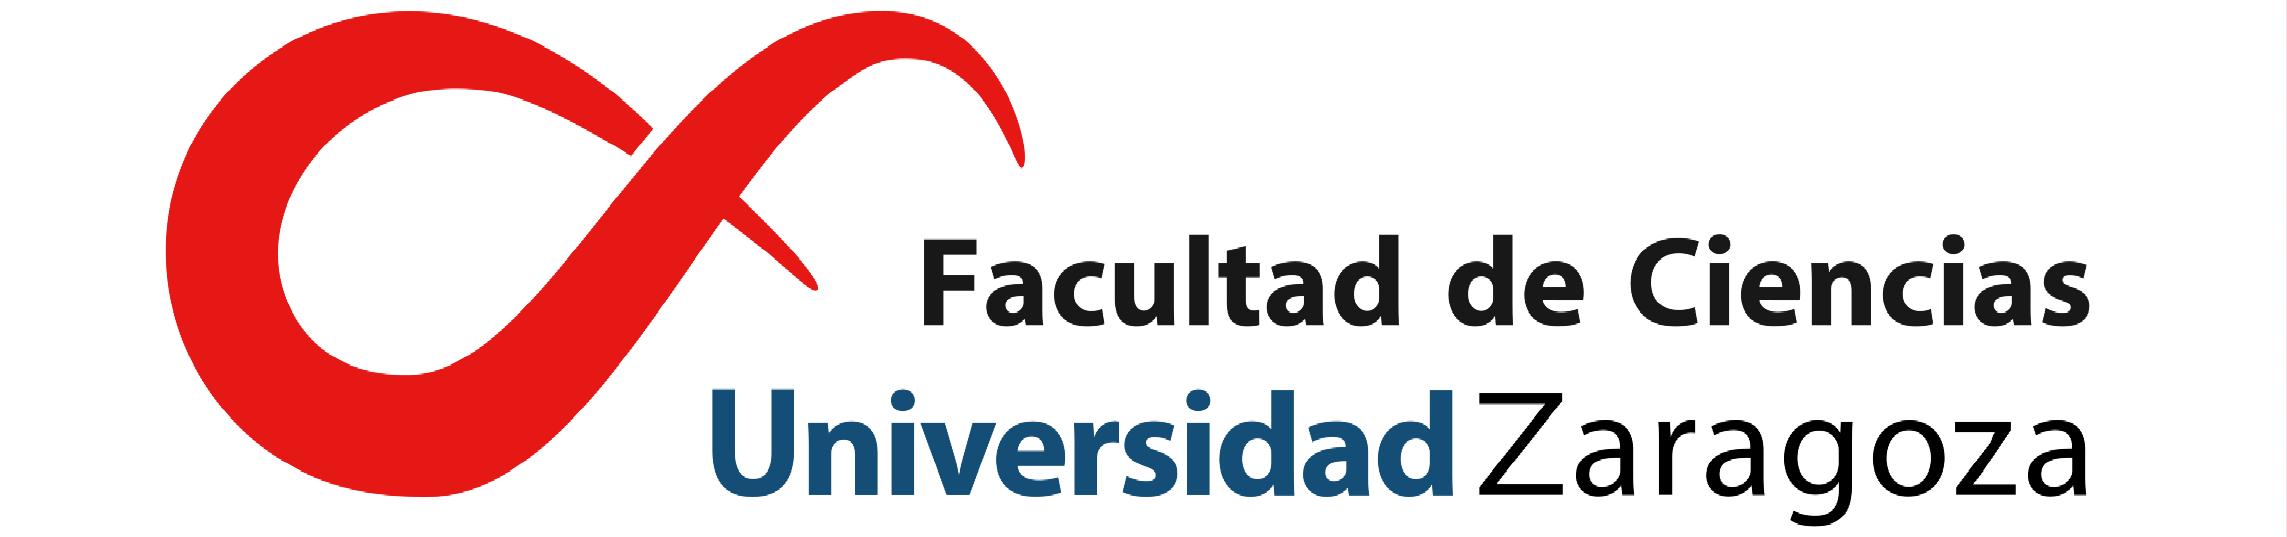 Facultad de Ciencias de Zaragoza